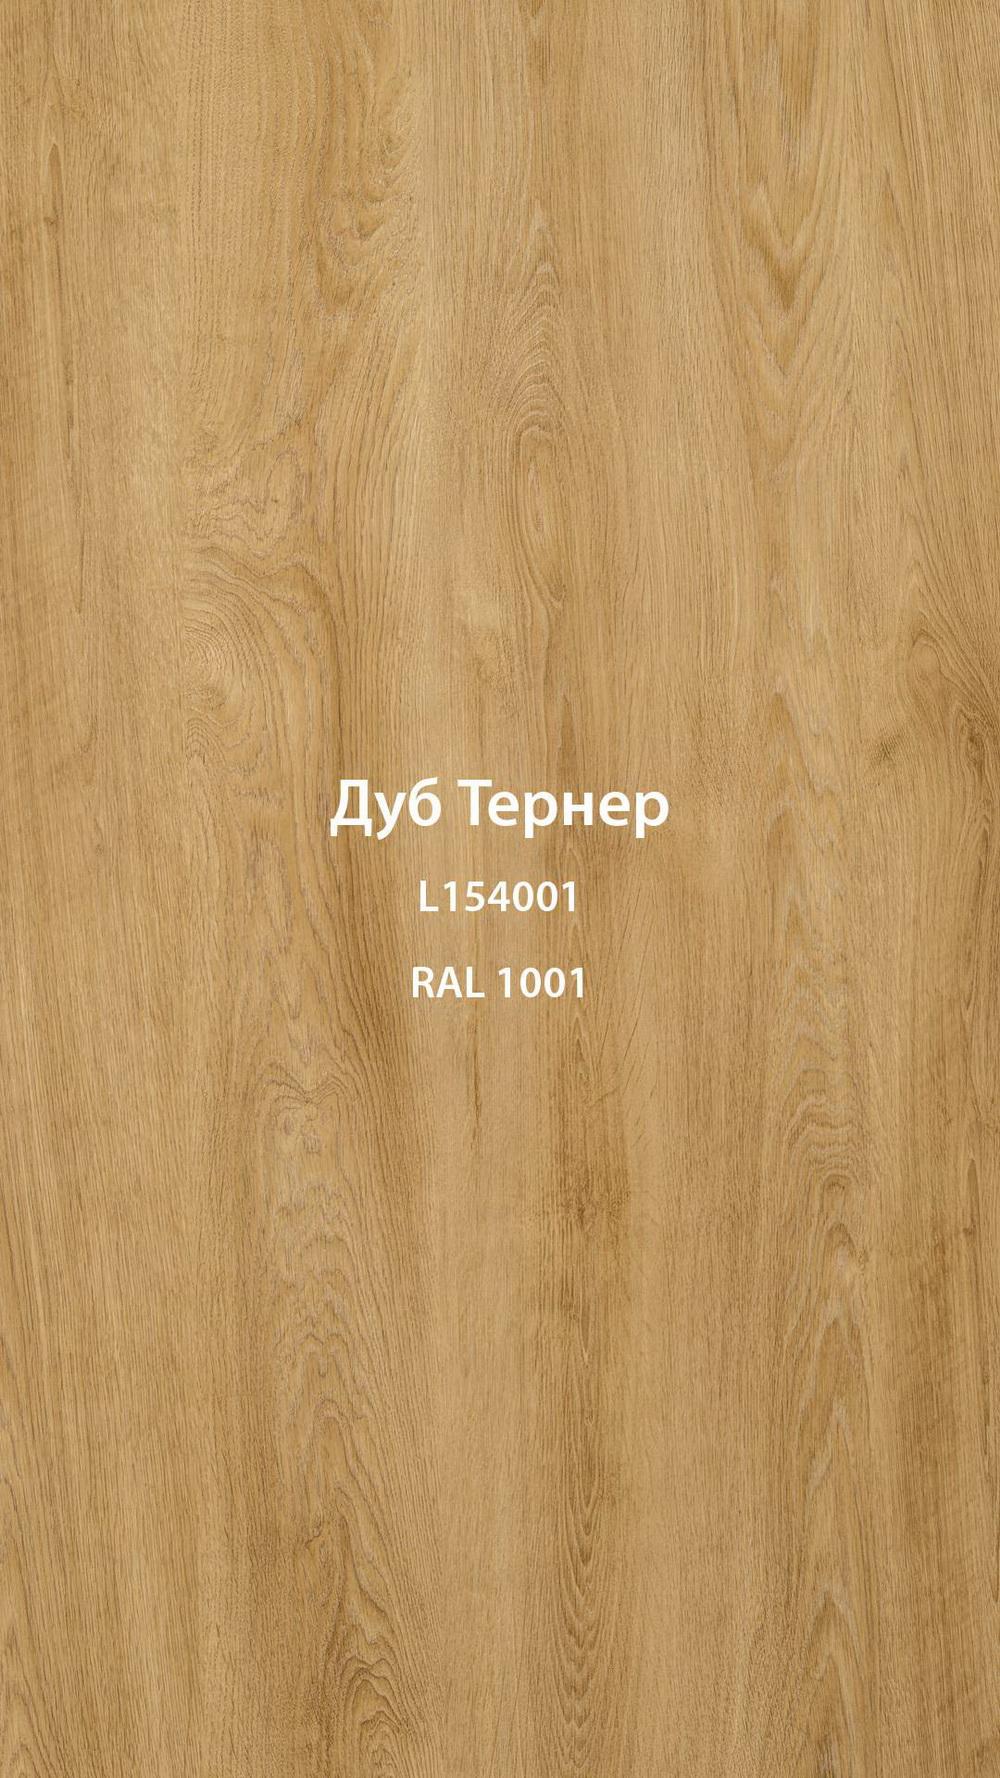 Дуб Тернер - колір ламінації профілів заводу EKIPAZH